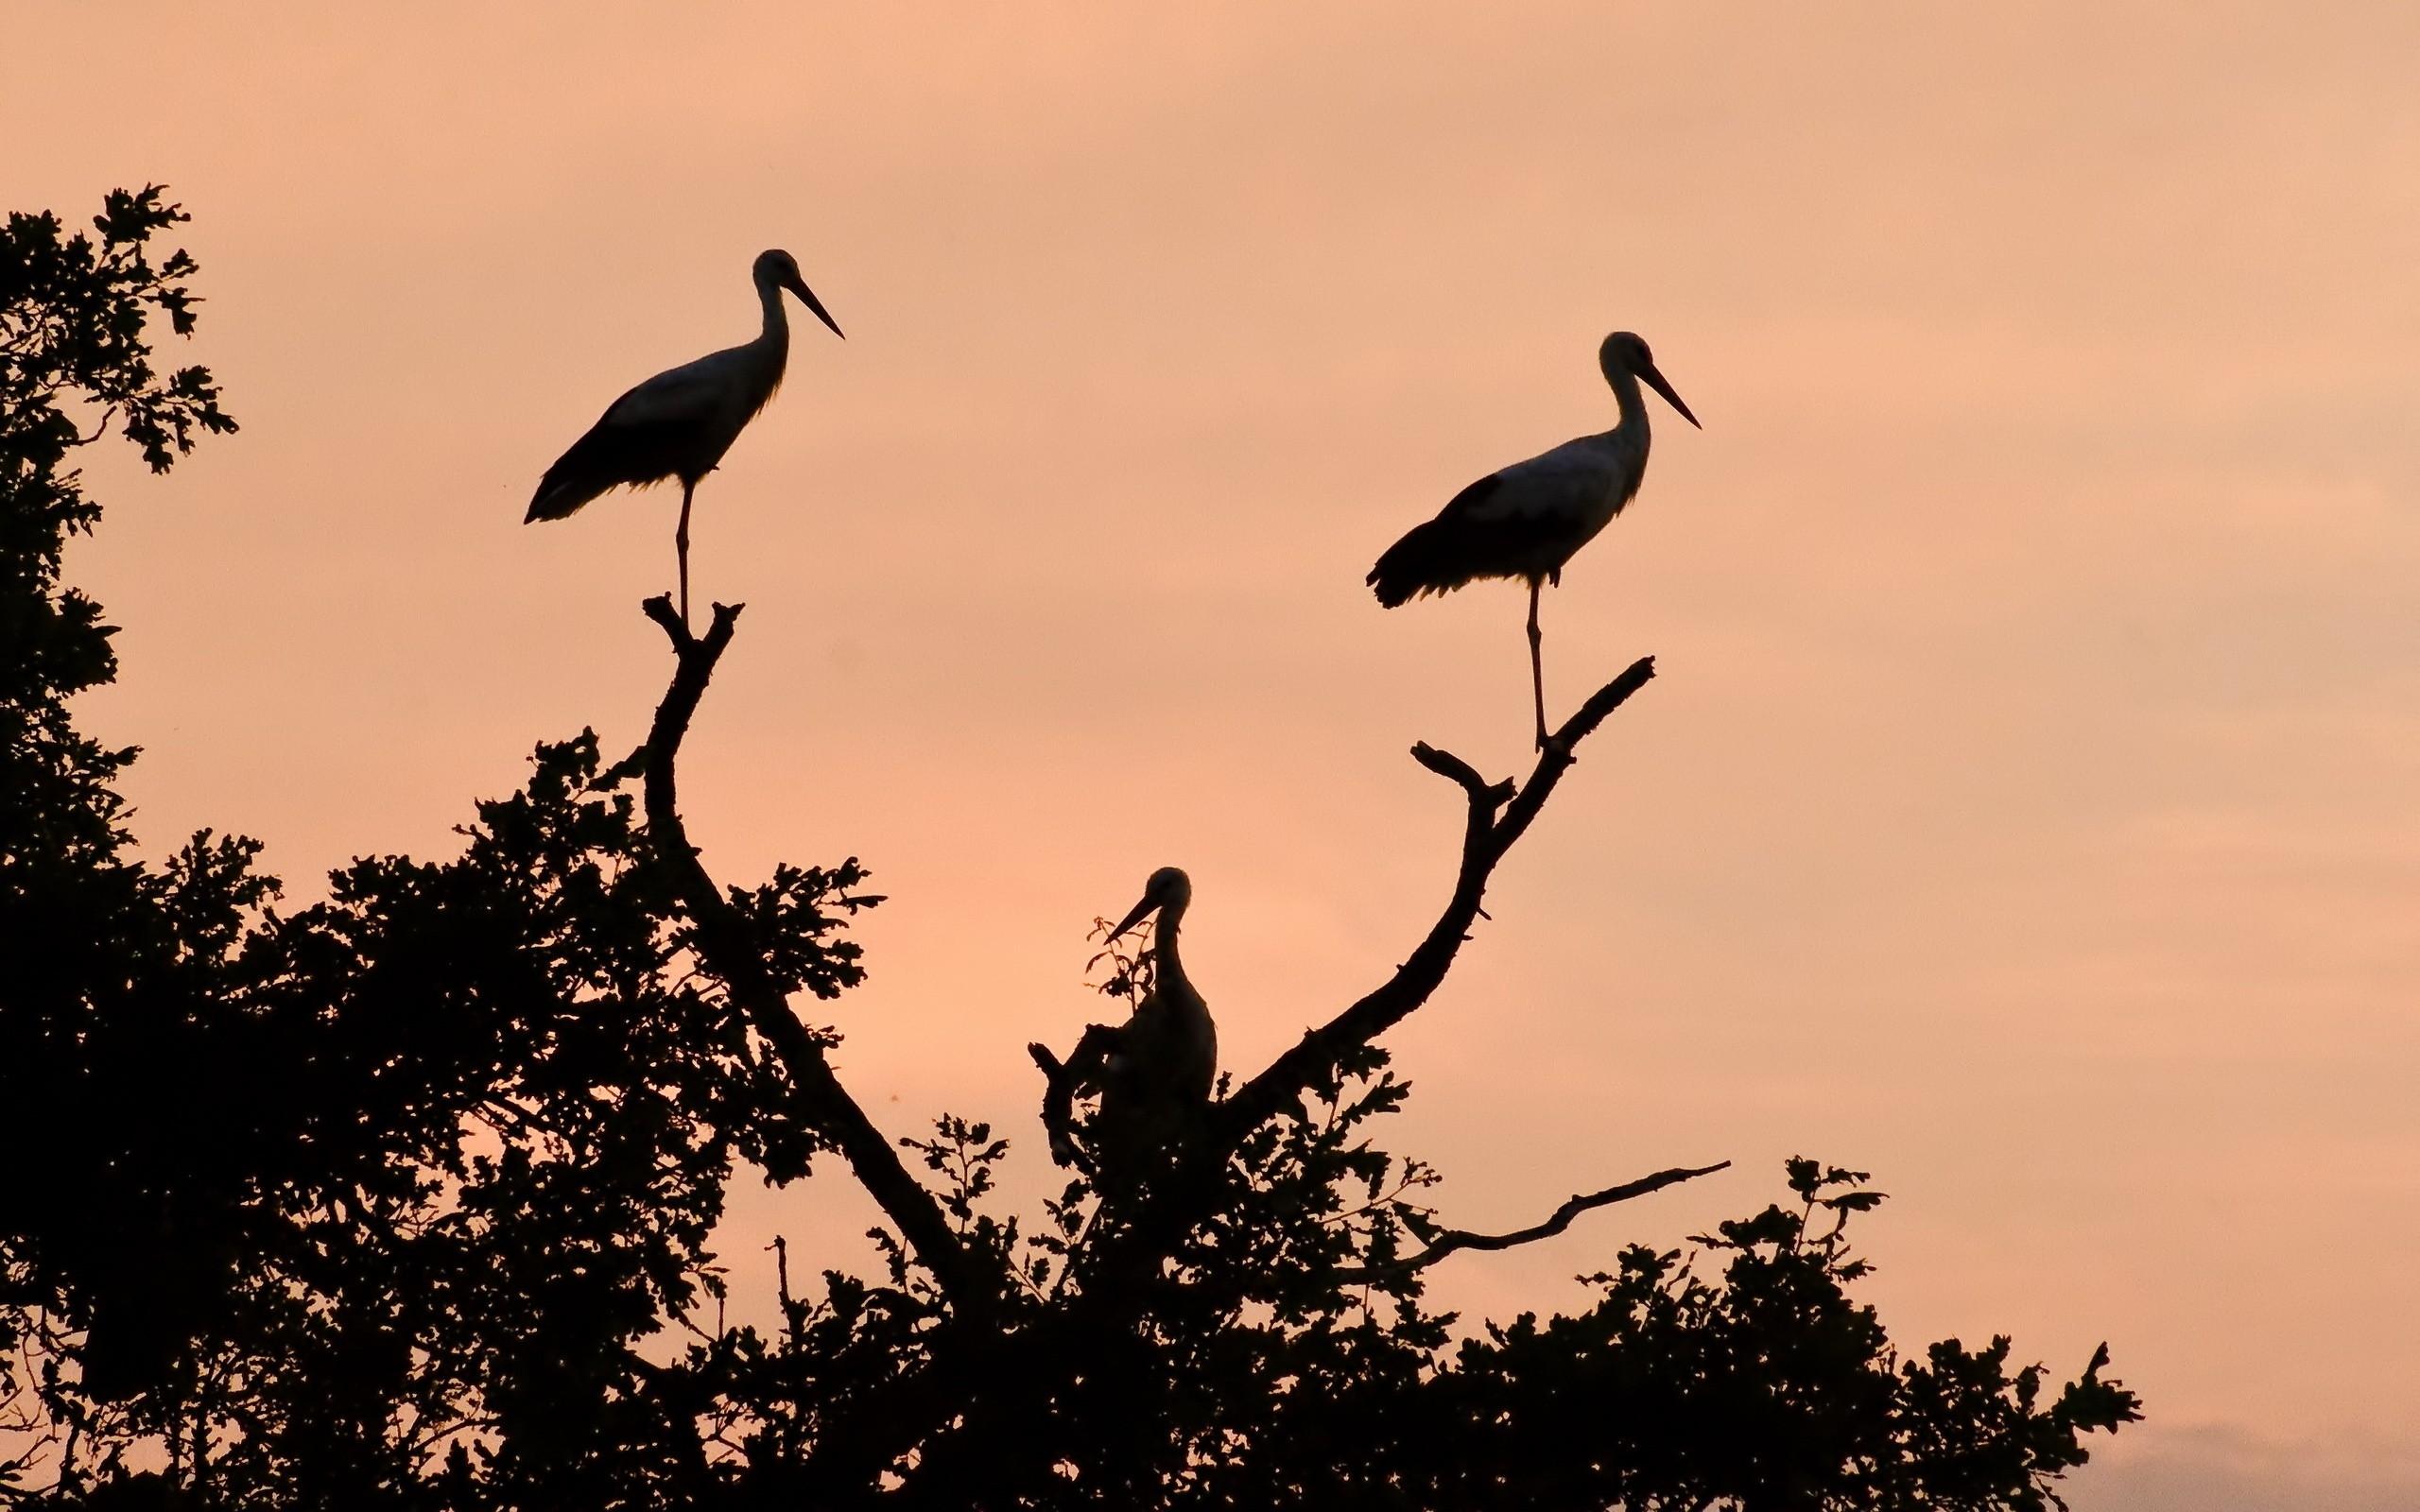 Siluetas de aves - 2560x1600